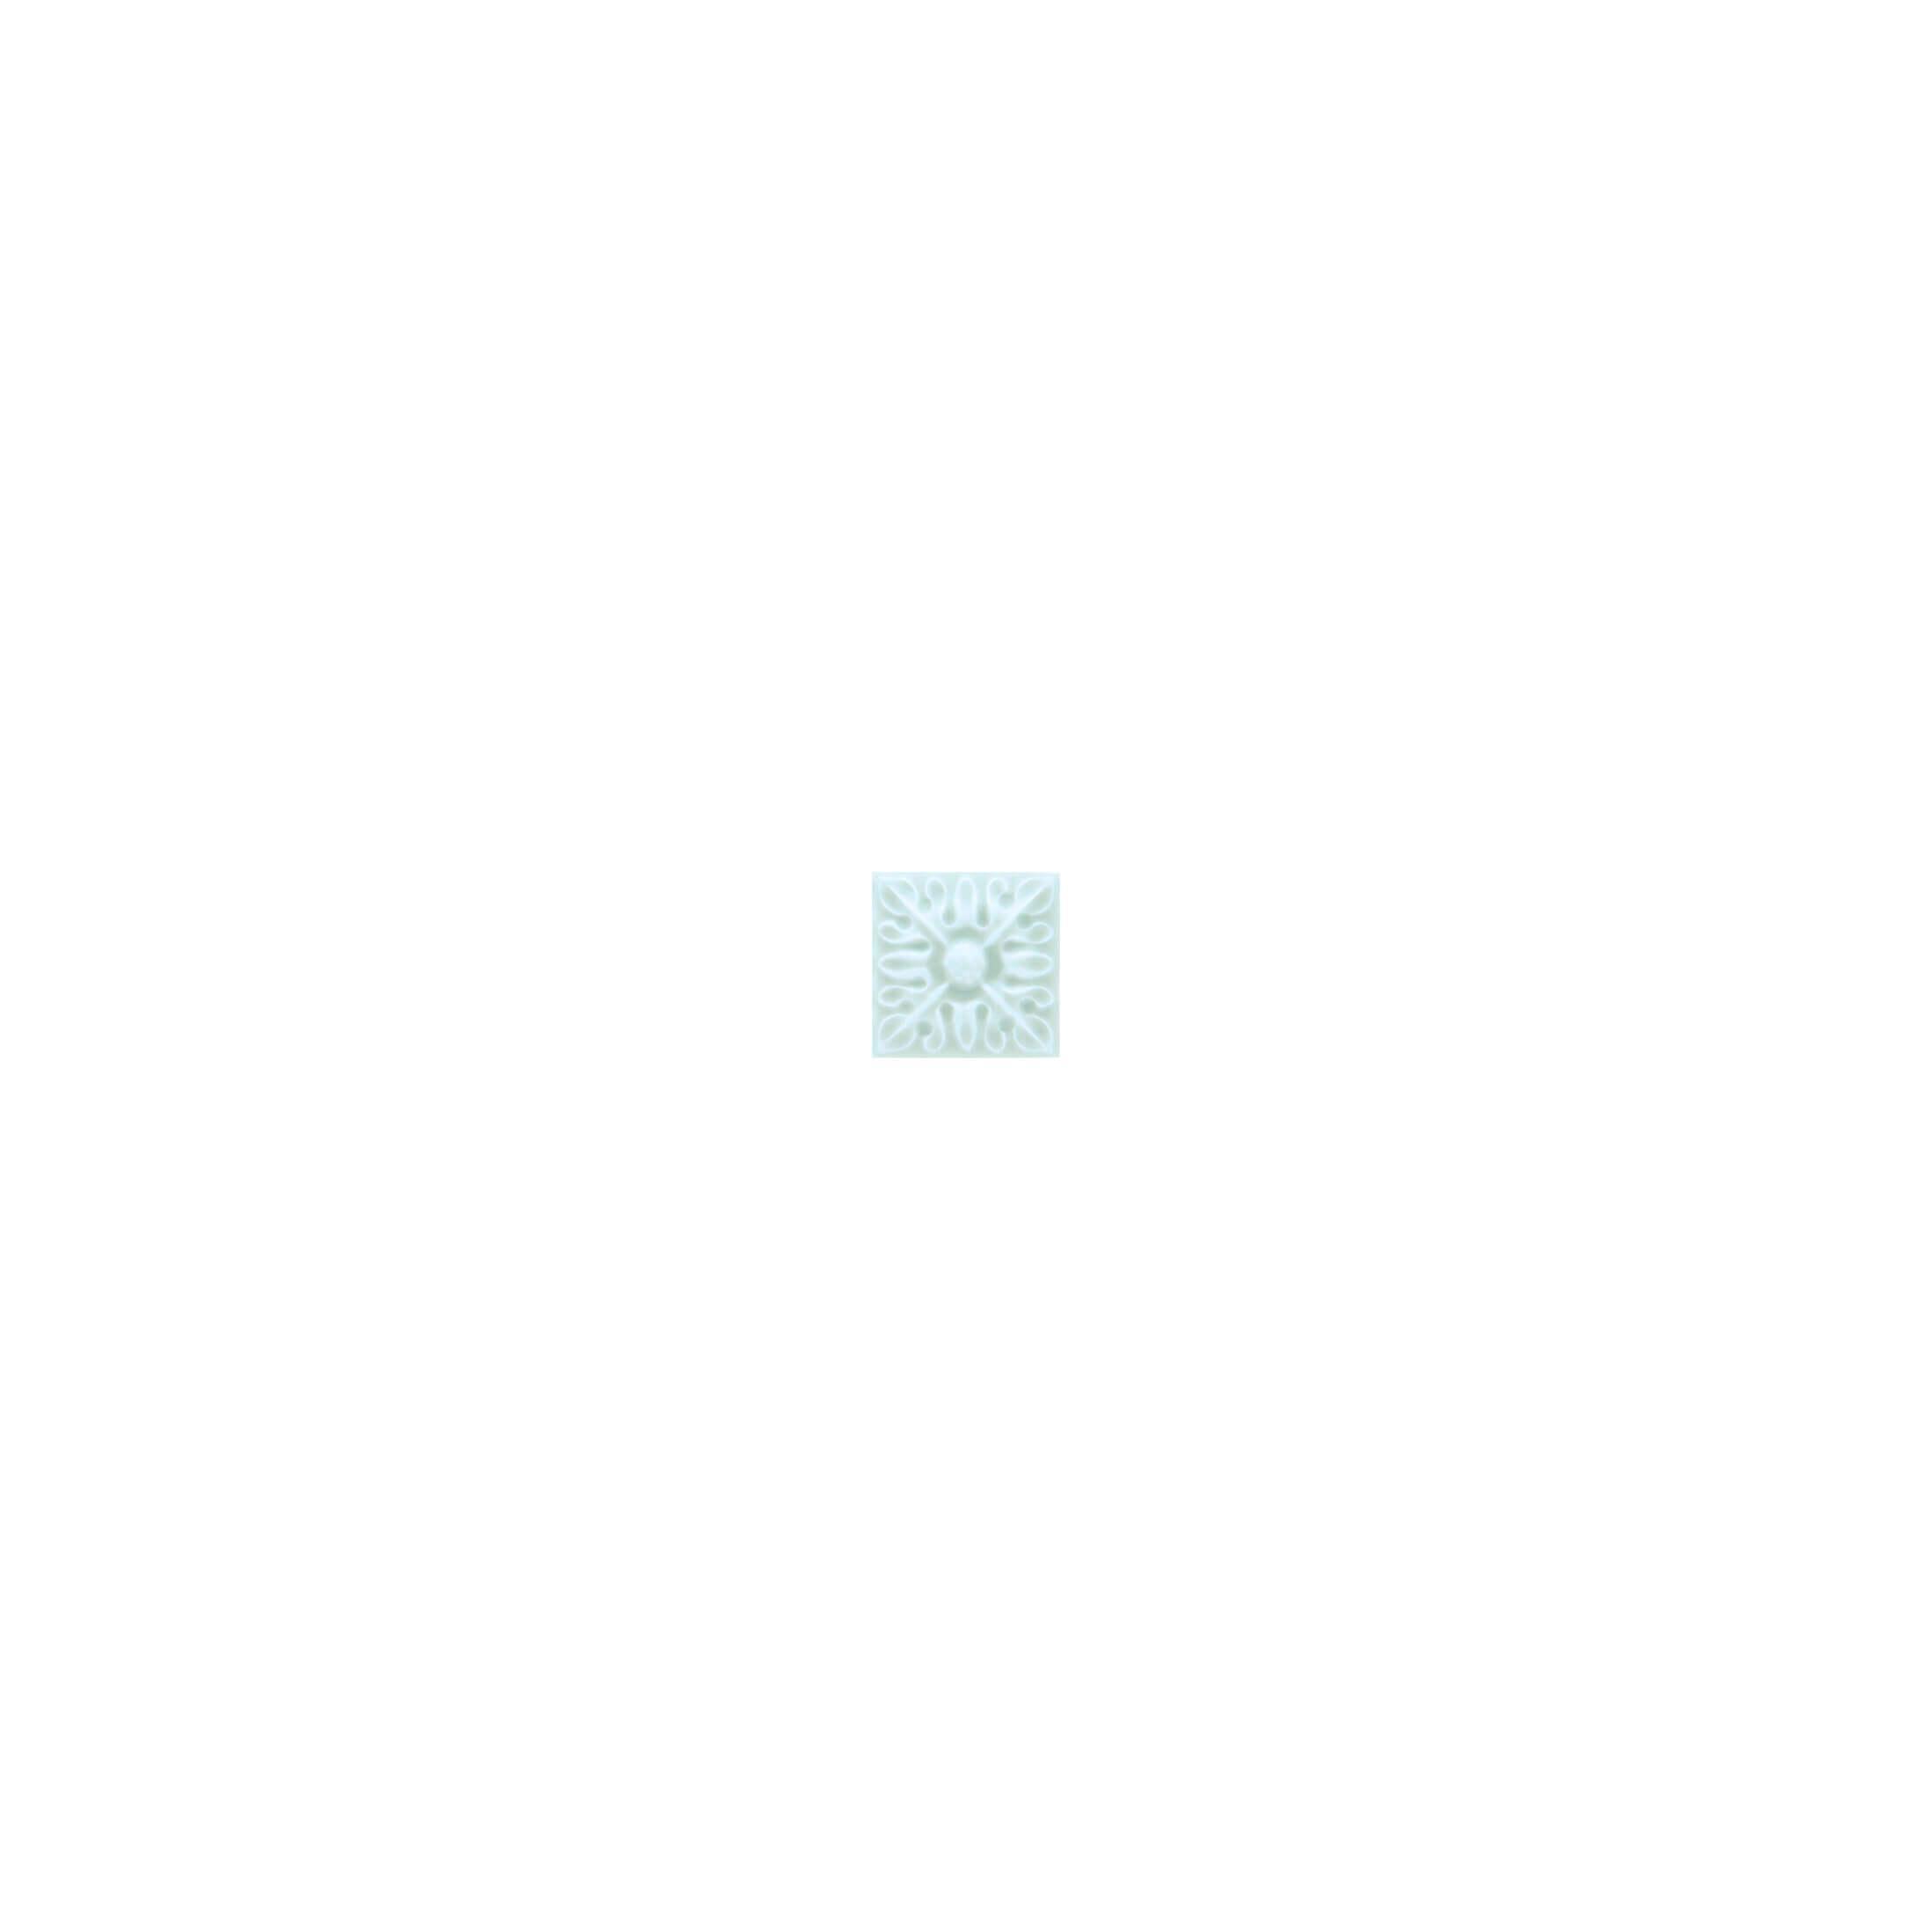 ADST4108 - TACO RELIEVE FLOR Nº 2 - 3 cm X 3 cm